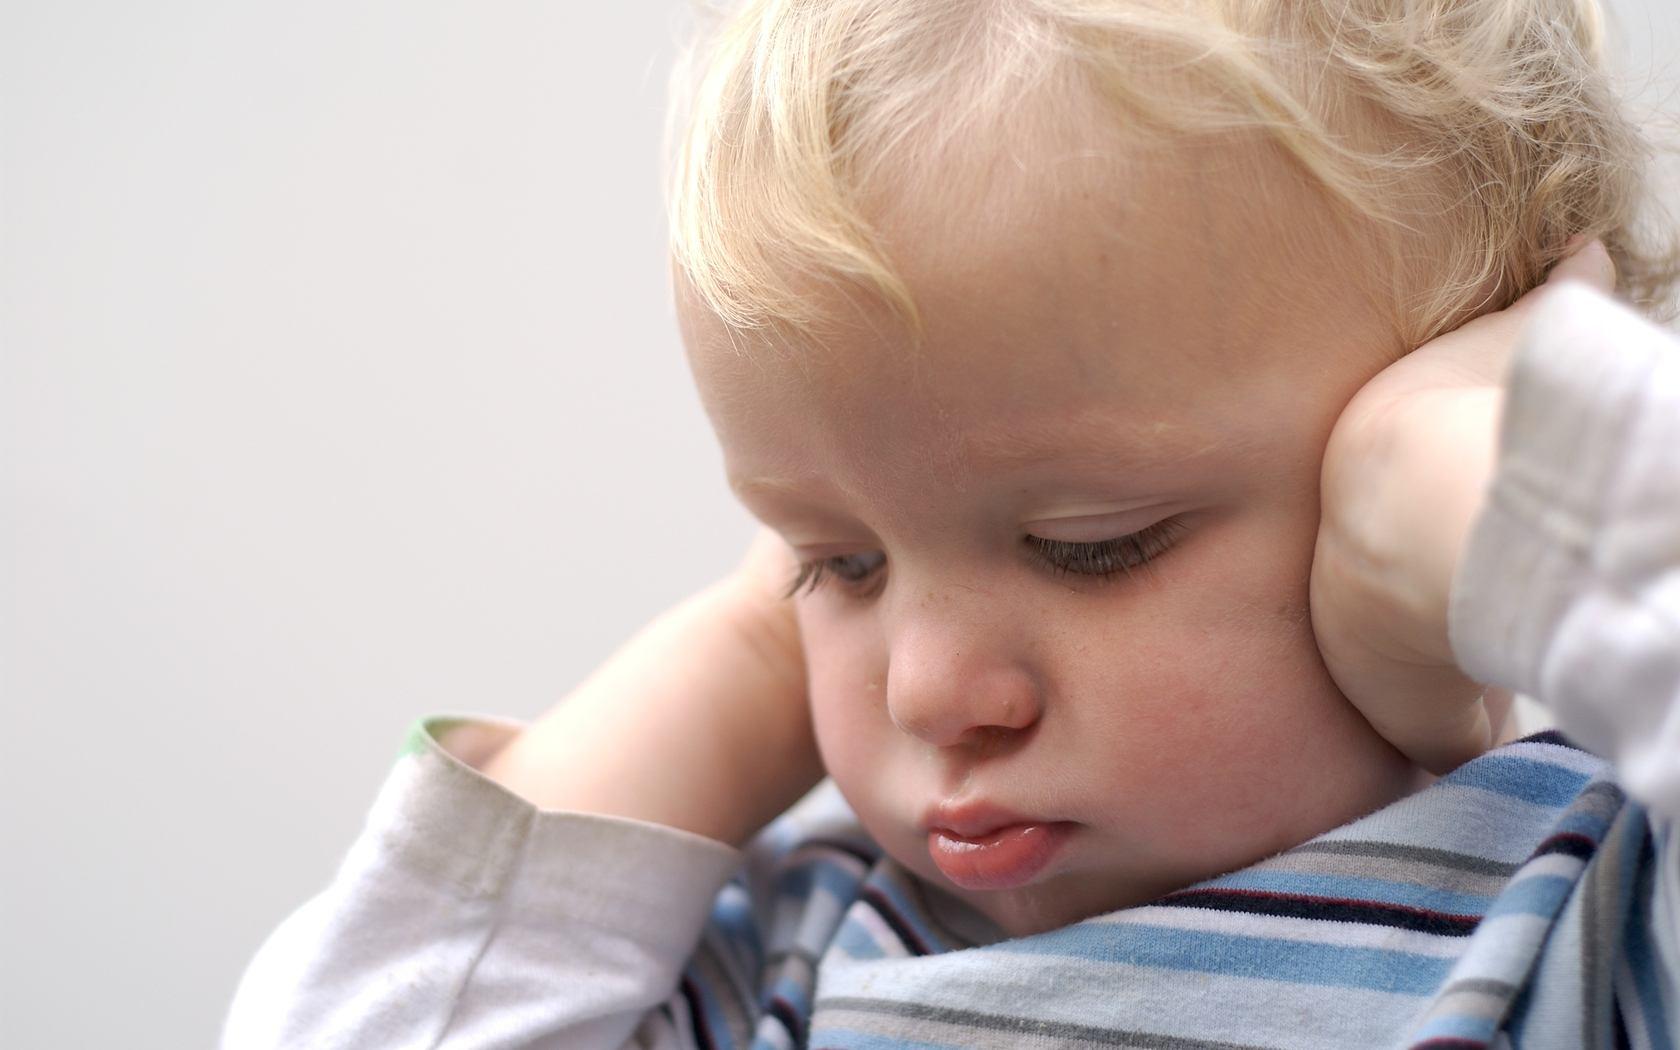 Экссудативный отит у детей — коварное заболевание среднего уха